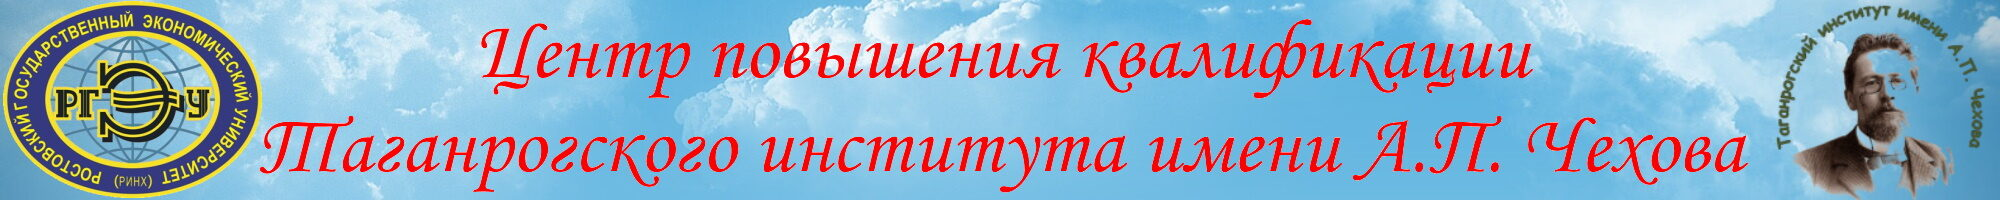 Центр повышения квалификации Таганрогского института имени А.П. Чехова